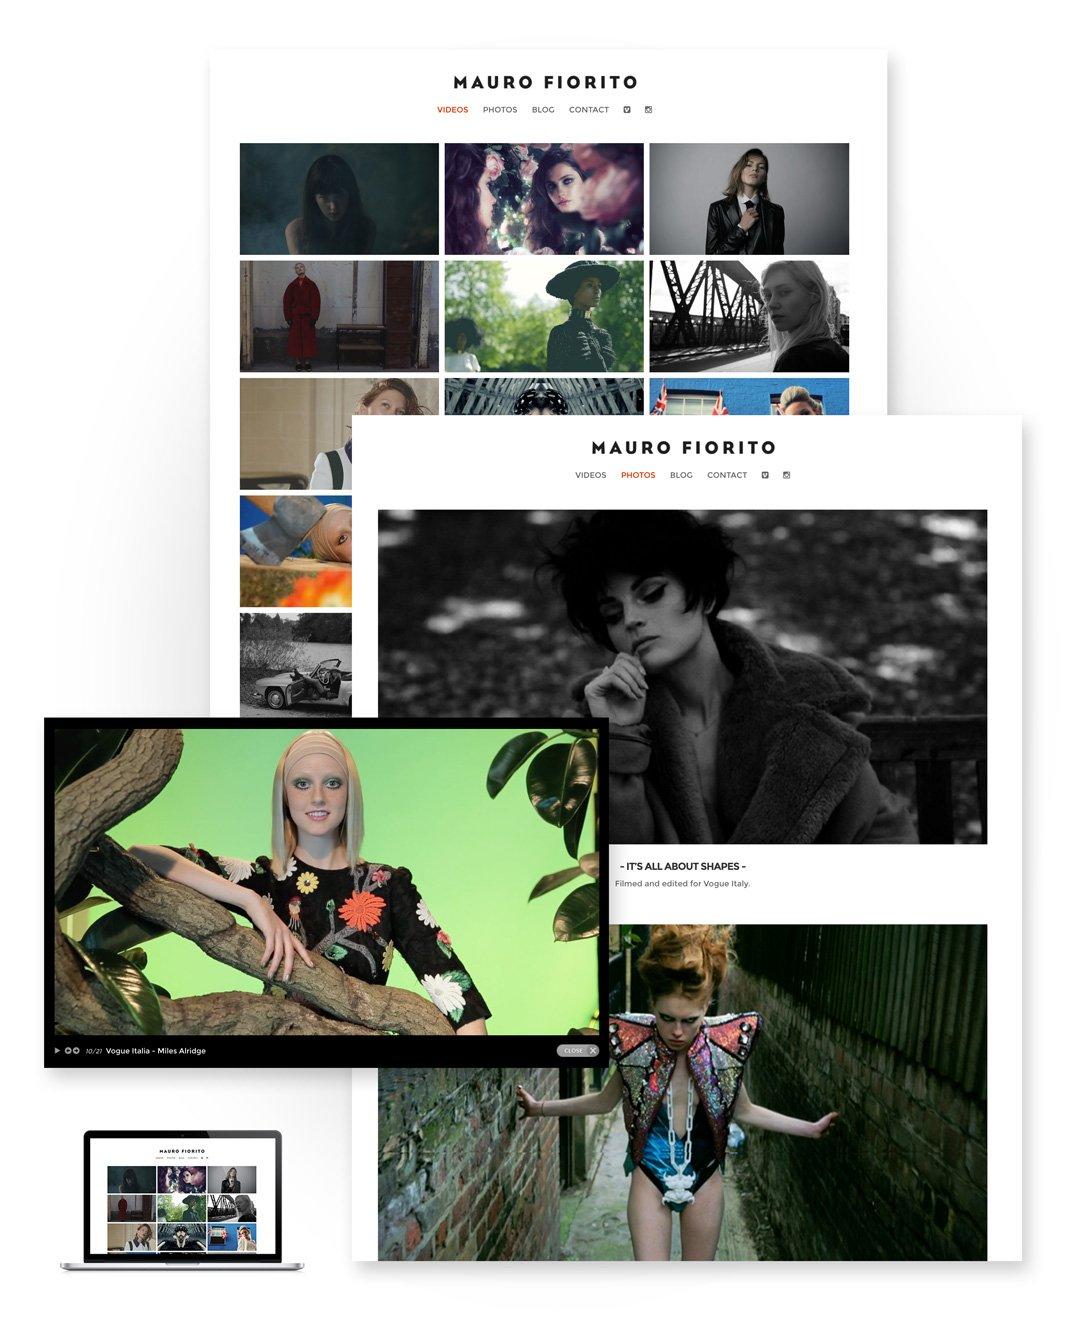 Mauro Fiorito Filmmaker - Web design minimal